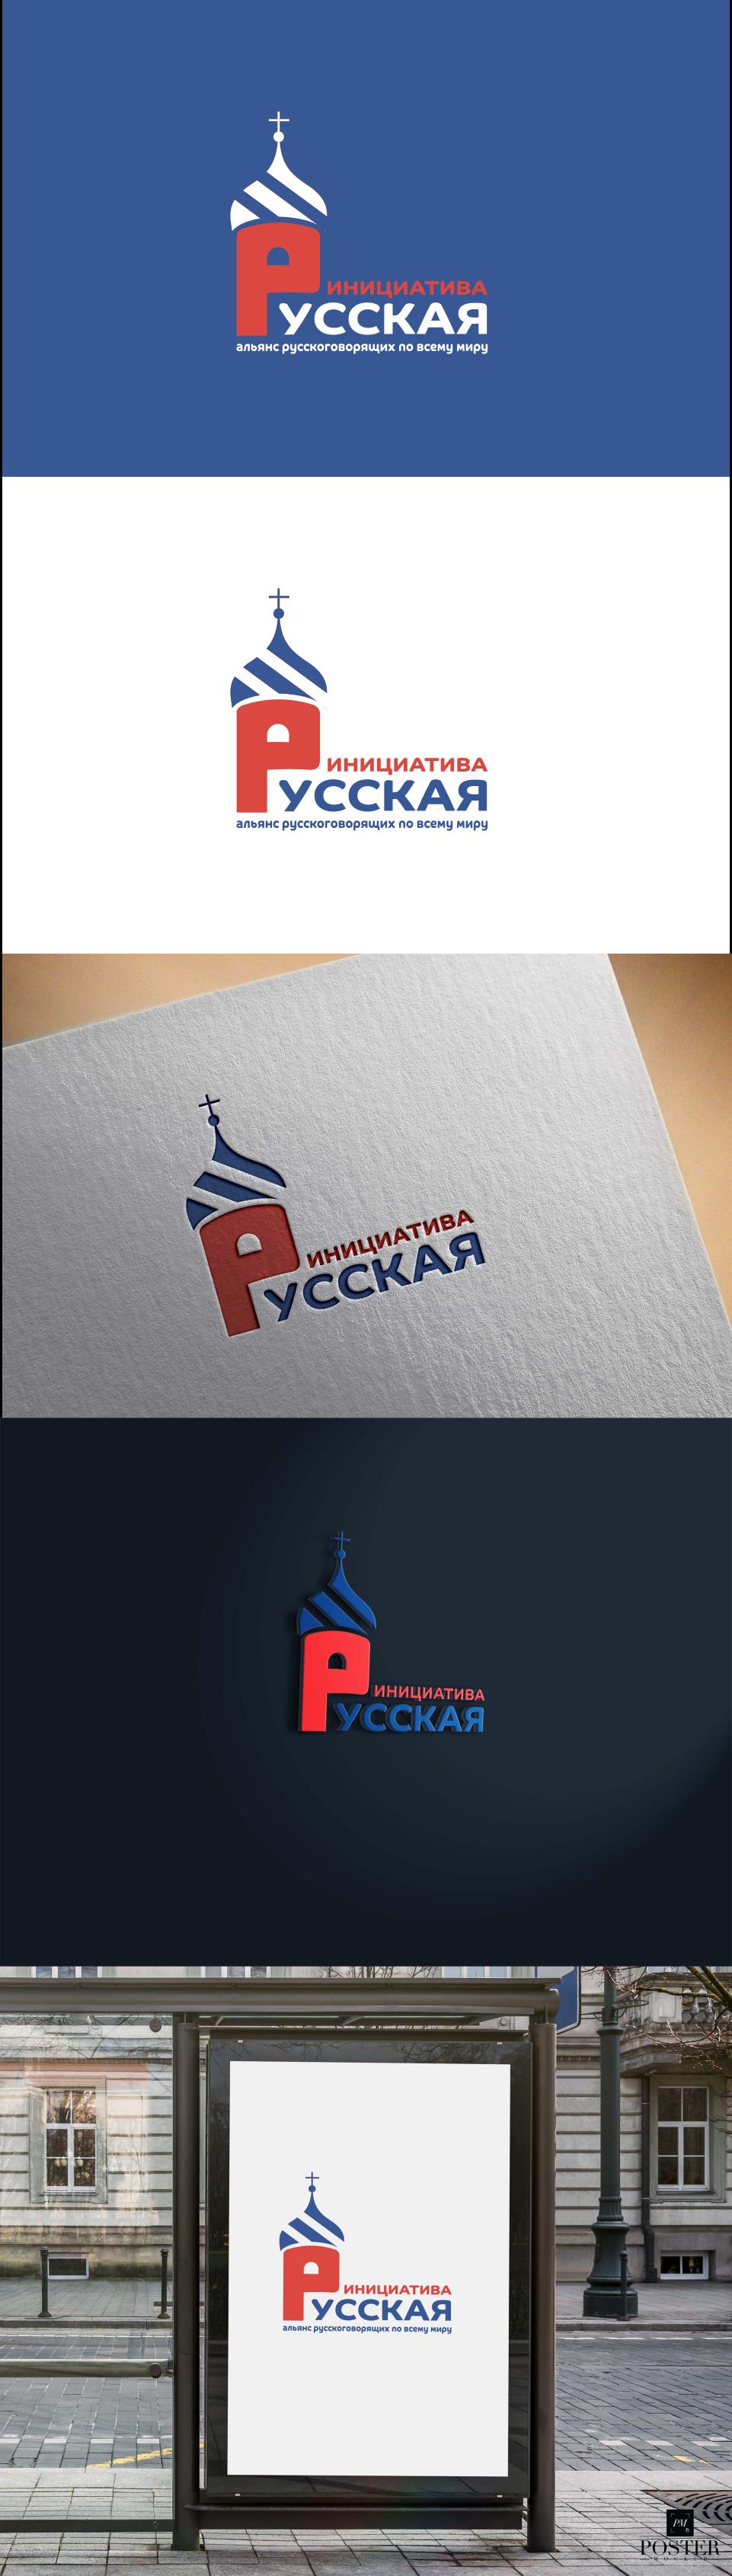 Разработать логотип для организации фото f_6755ec41b968f3f4.png